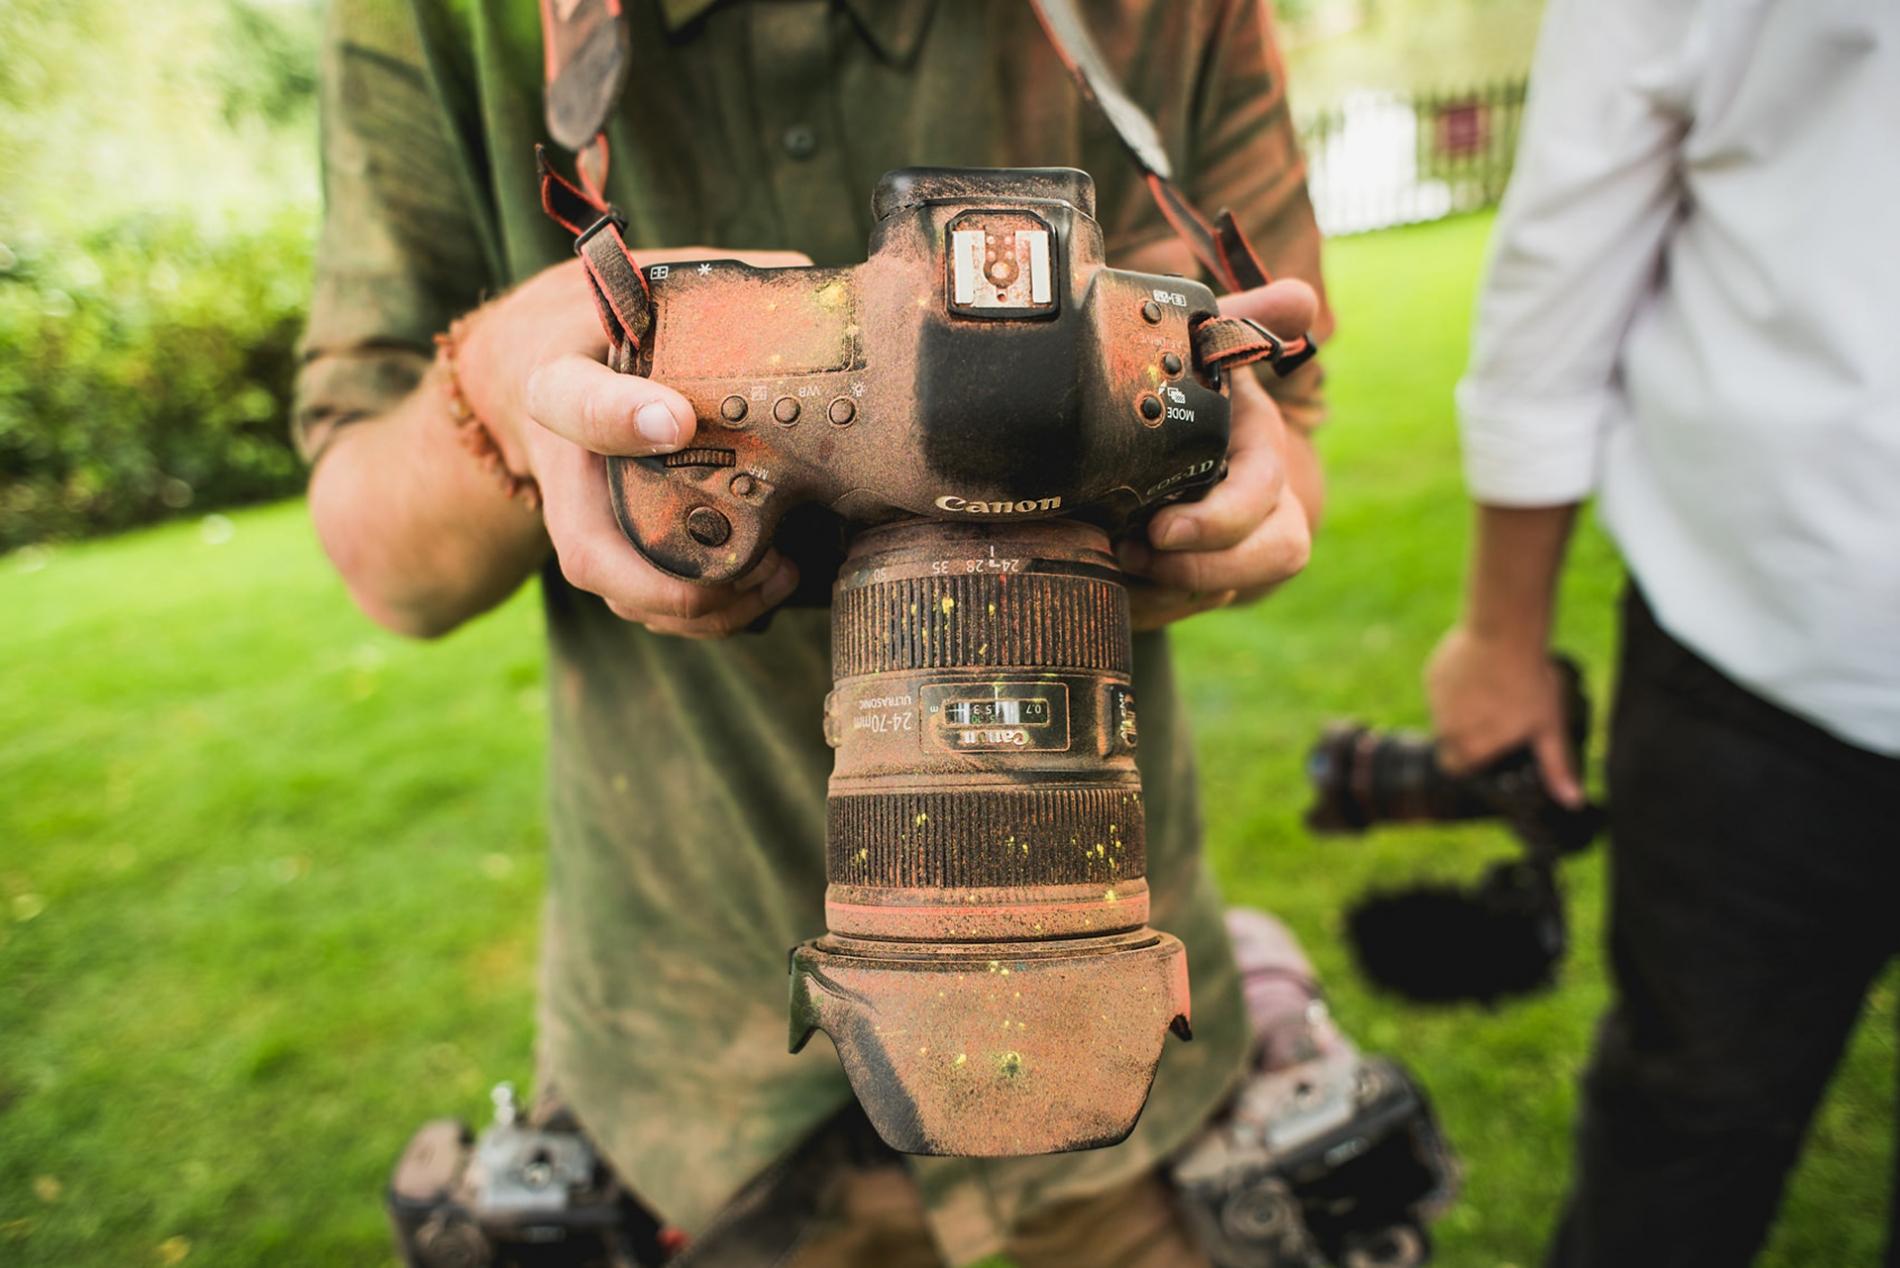 UK bruiloft reportage fotograaf camera versnelling nemen van een pak slaag tijdens een shoot